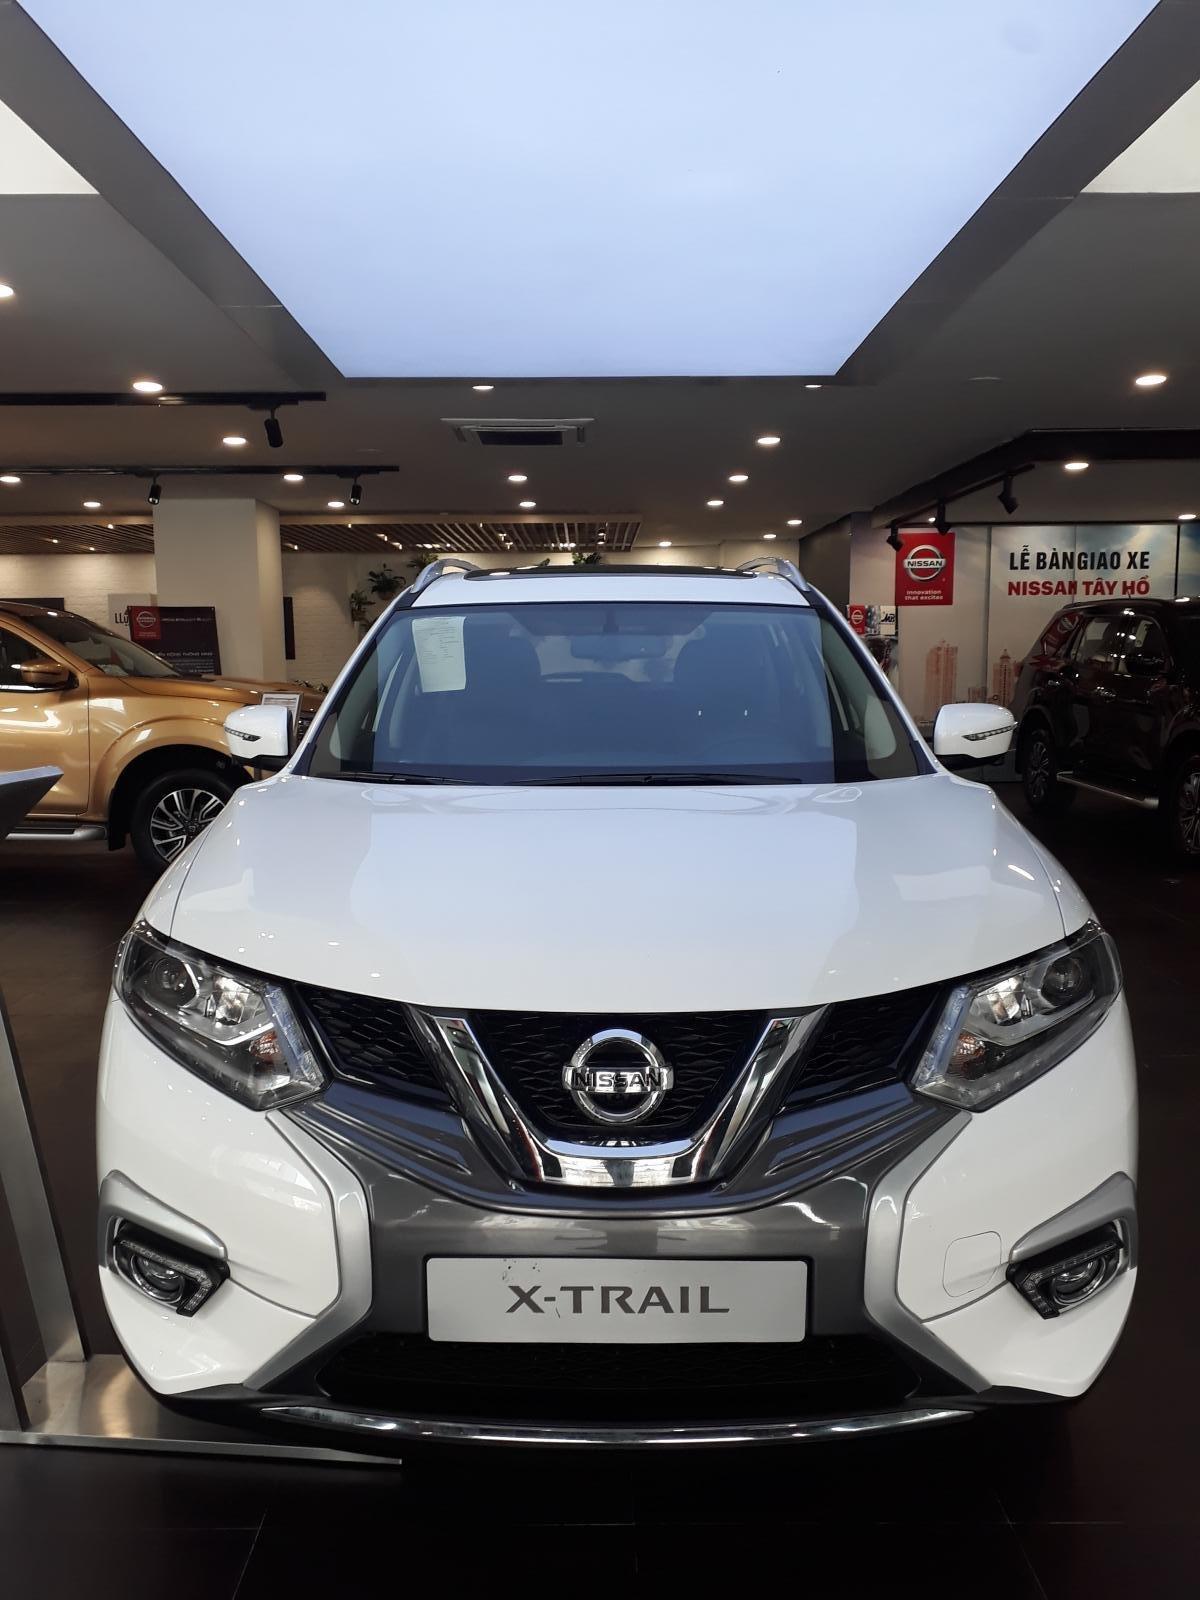 Bán Nissan X-trail V-Series 2019 đủ các phiên bản-1